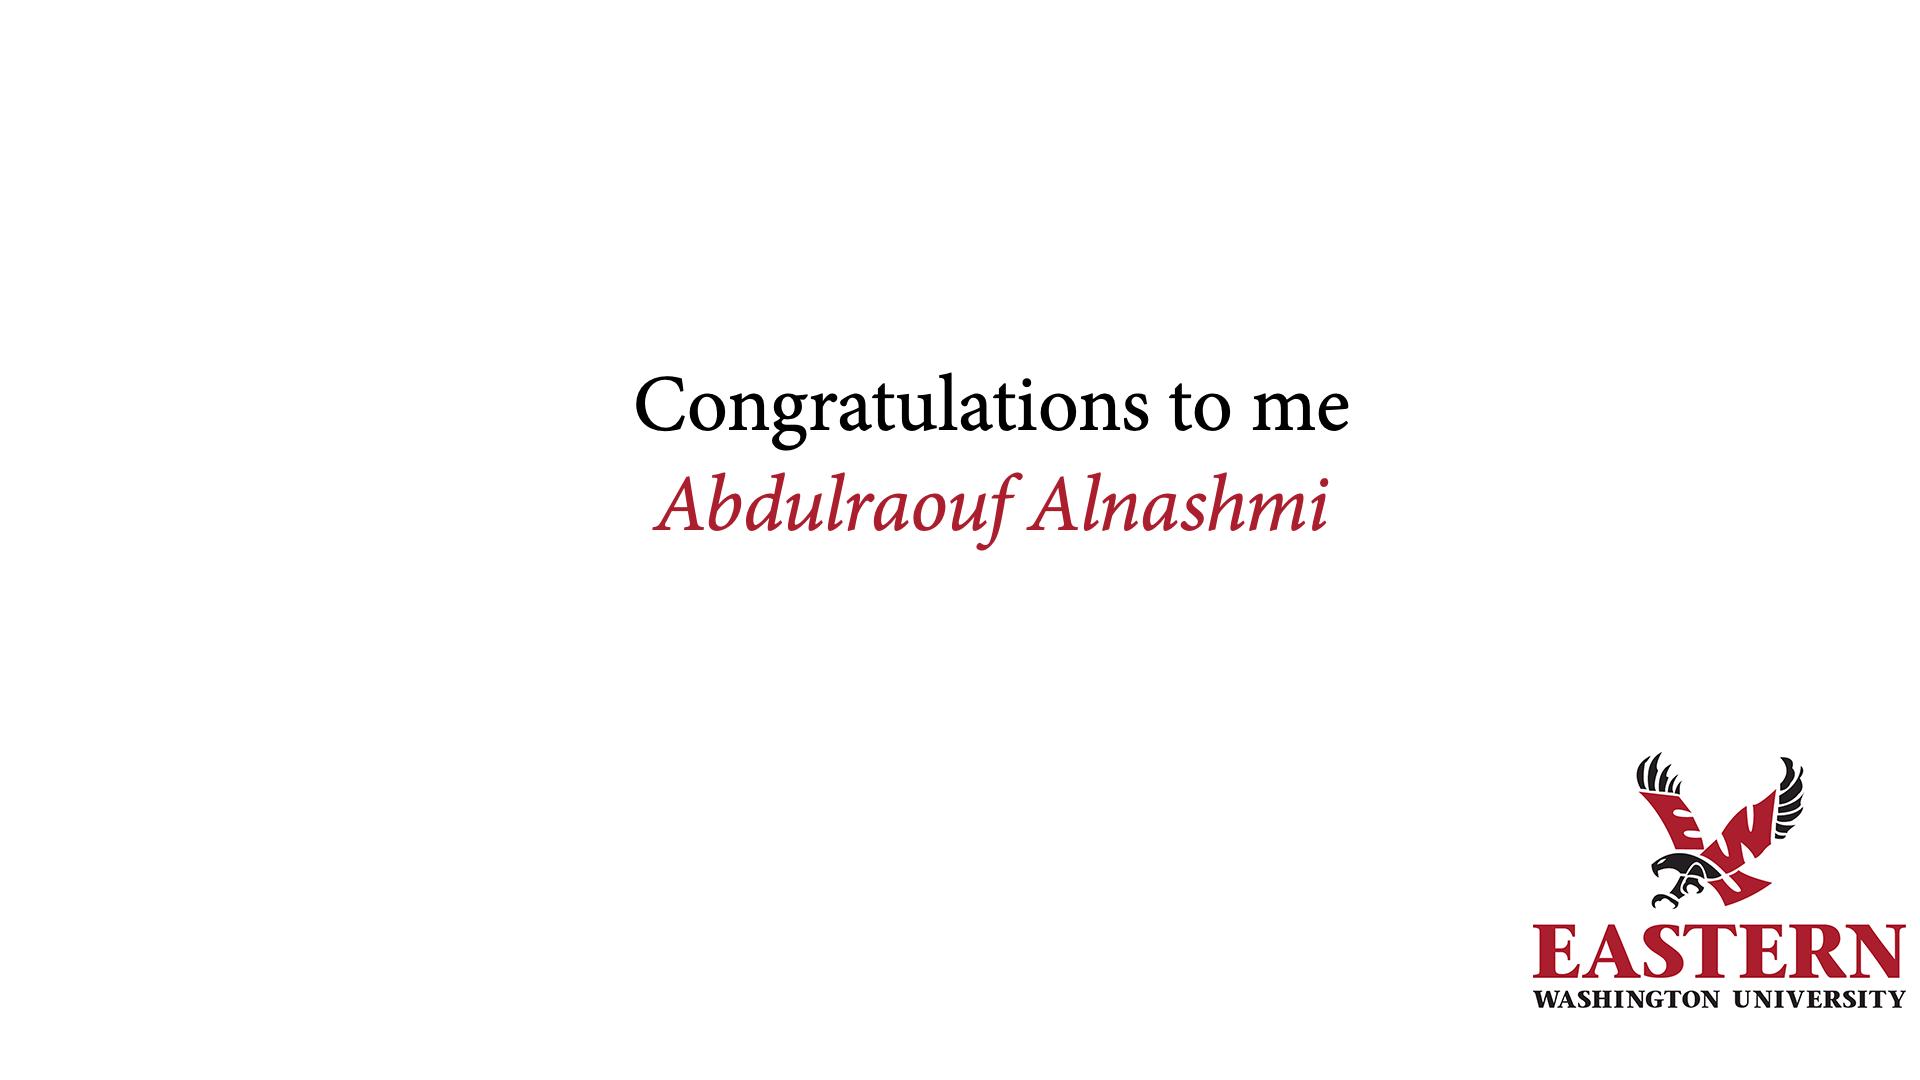 tbi_abdulraouf-abdullah-h-alnashmi_1775.png